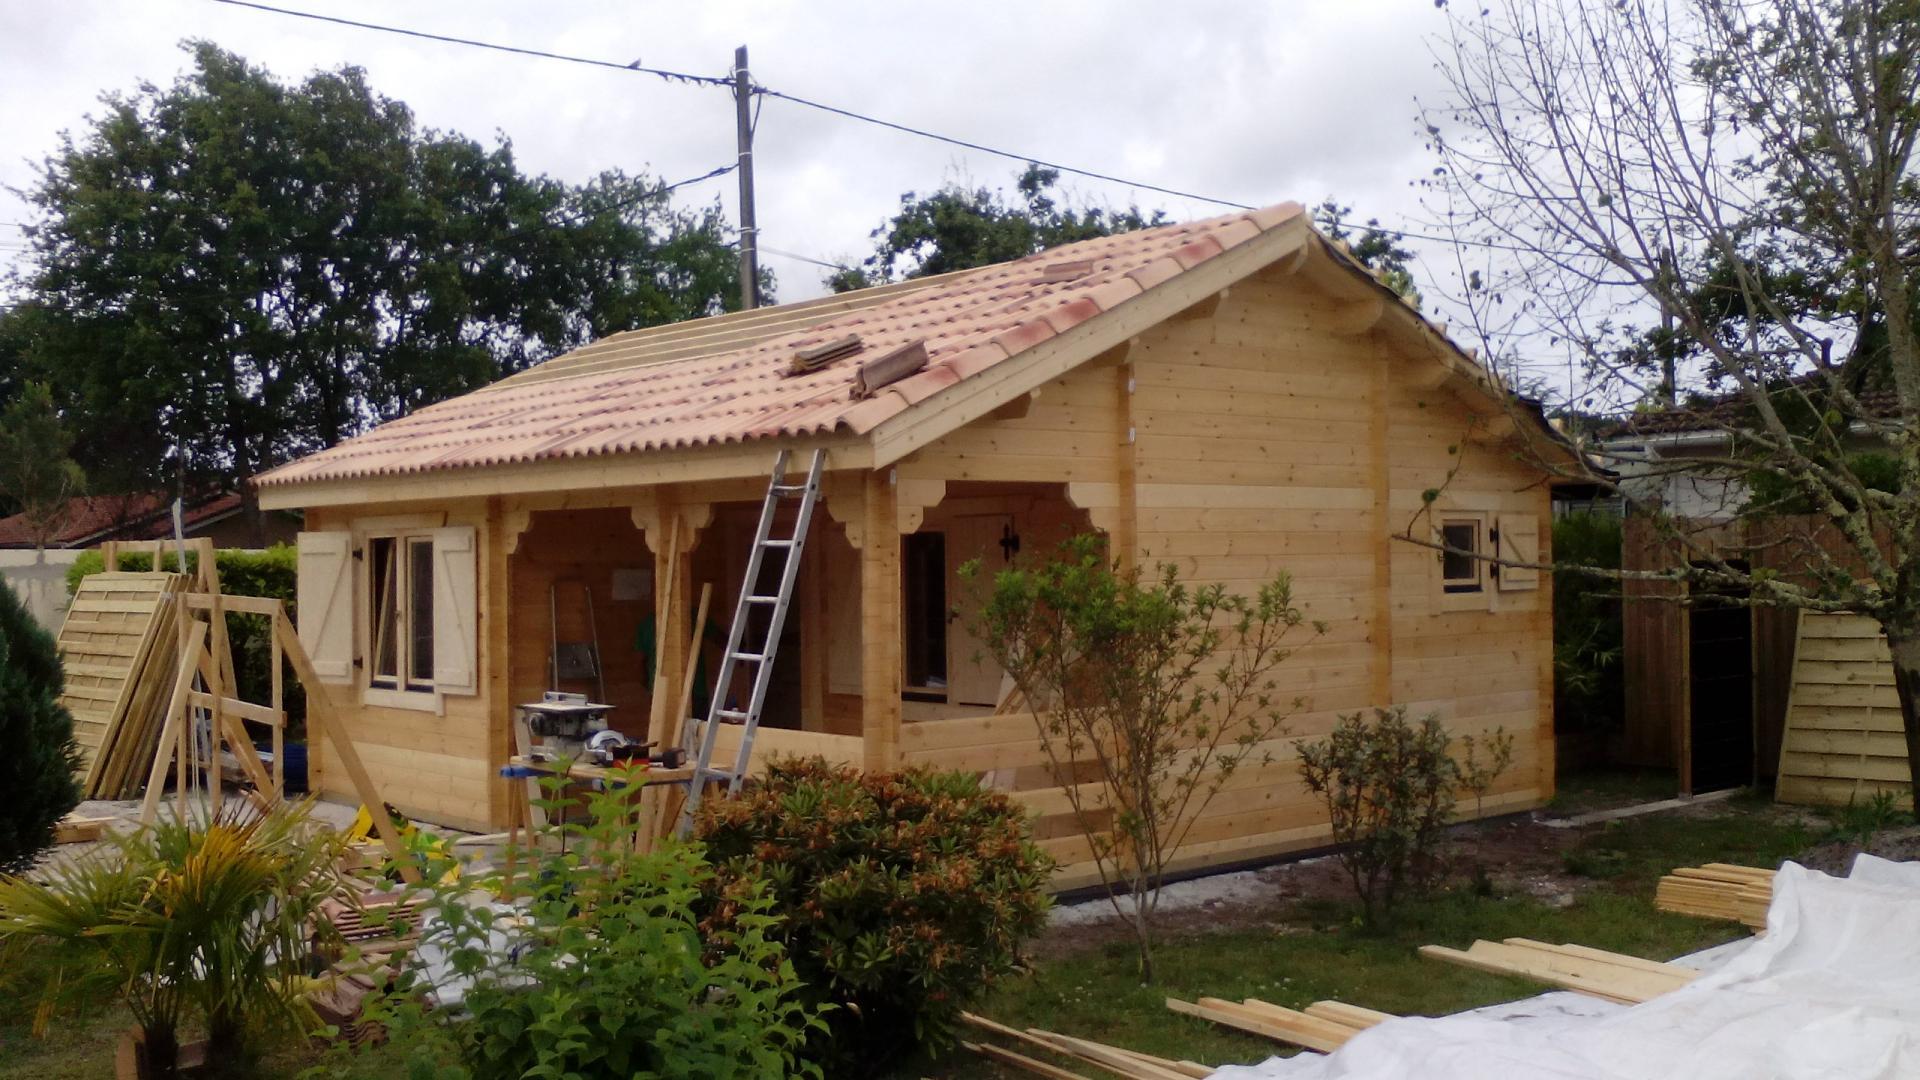 Fabricant Constructeur De Kits Chalets En Bois Habitables - Stmb tout Cabane Habitable En Kit